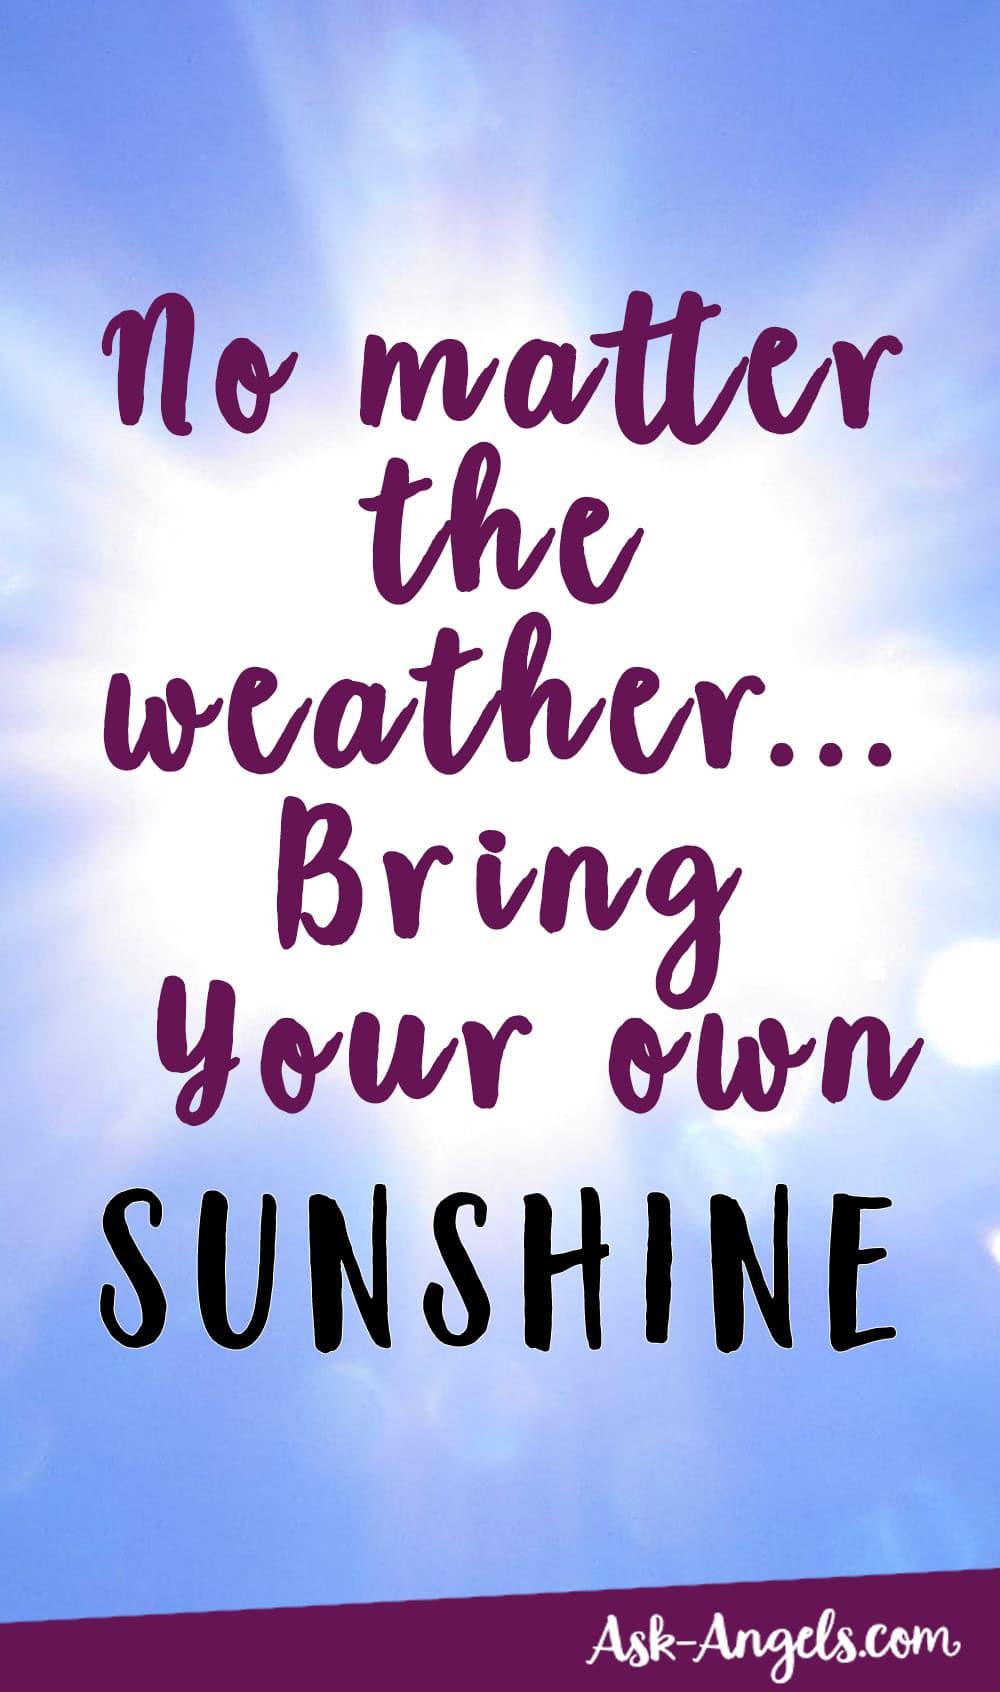 Apportez votre propre soleil